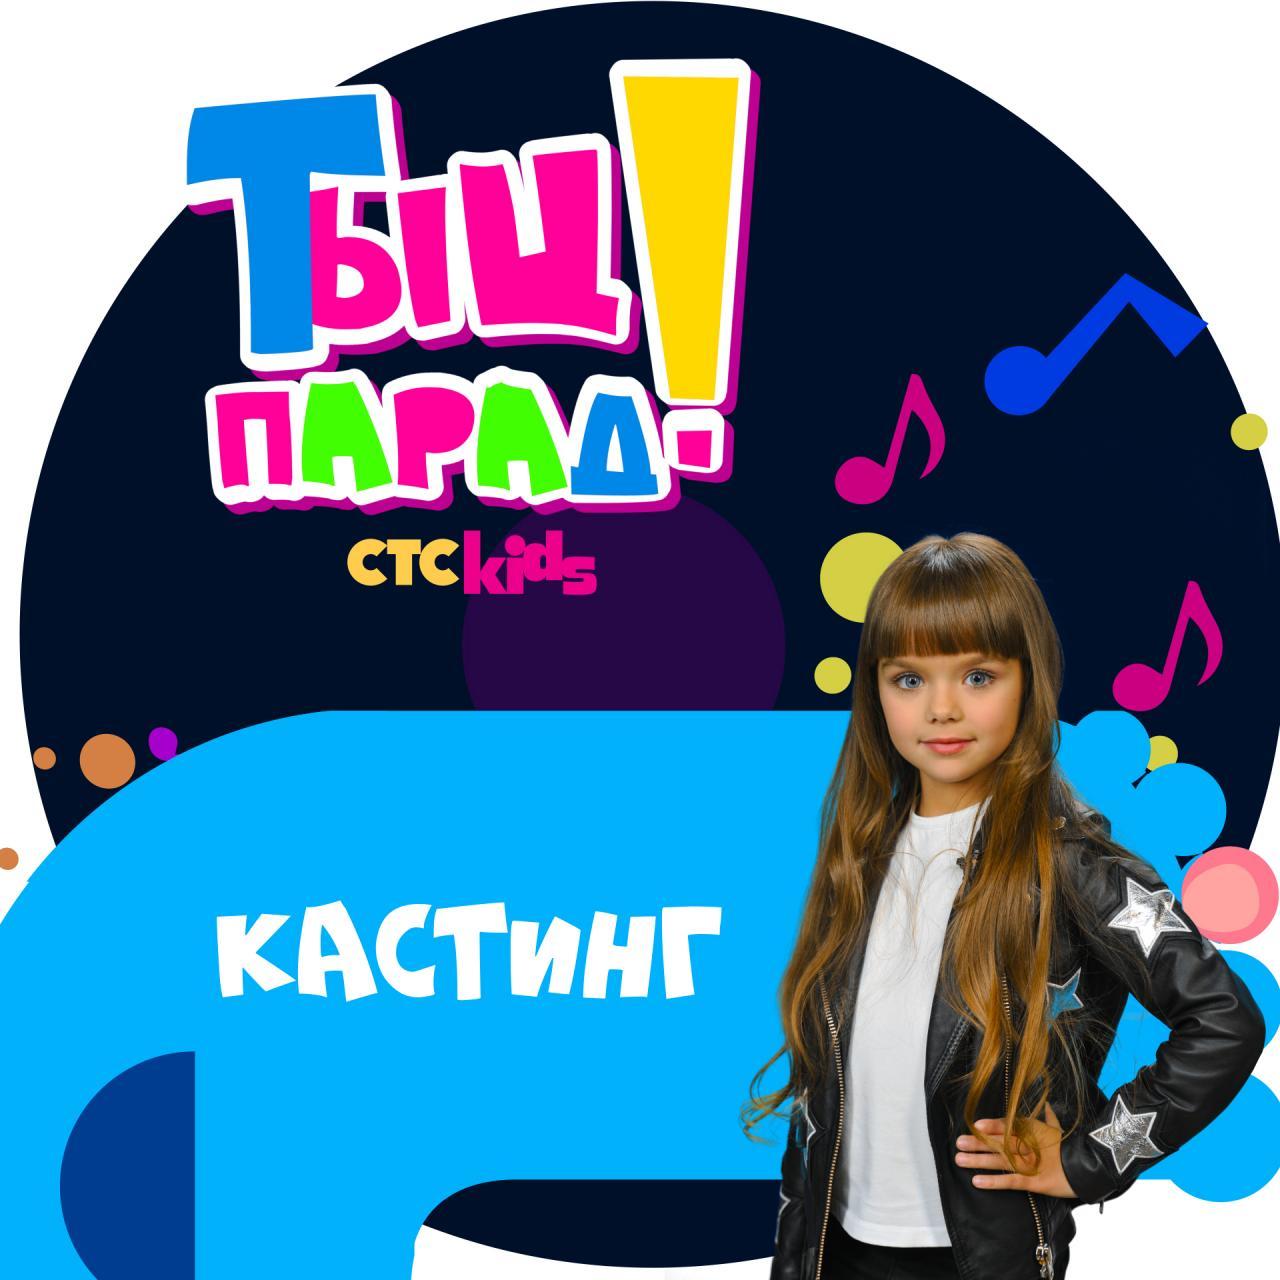 Детский телеканал СТС Kids объявляет всероссийский кастинг на телеведущего!